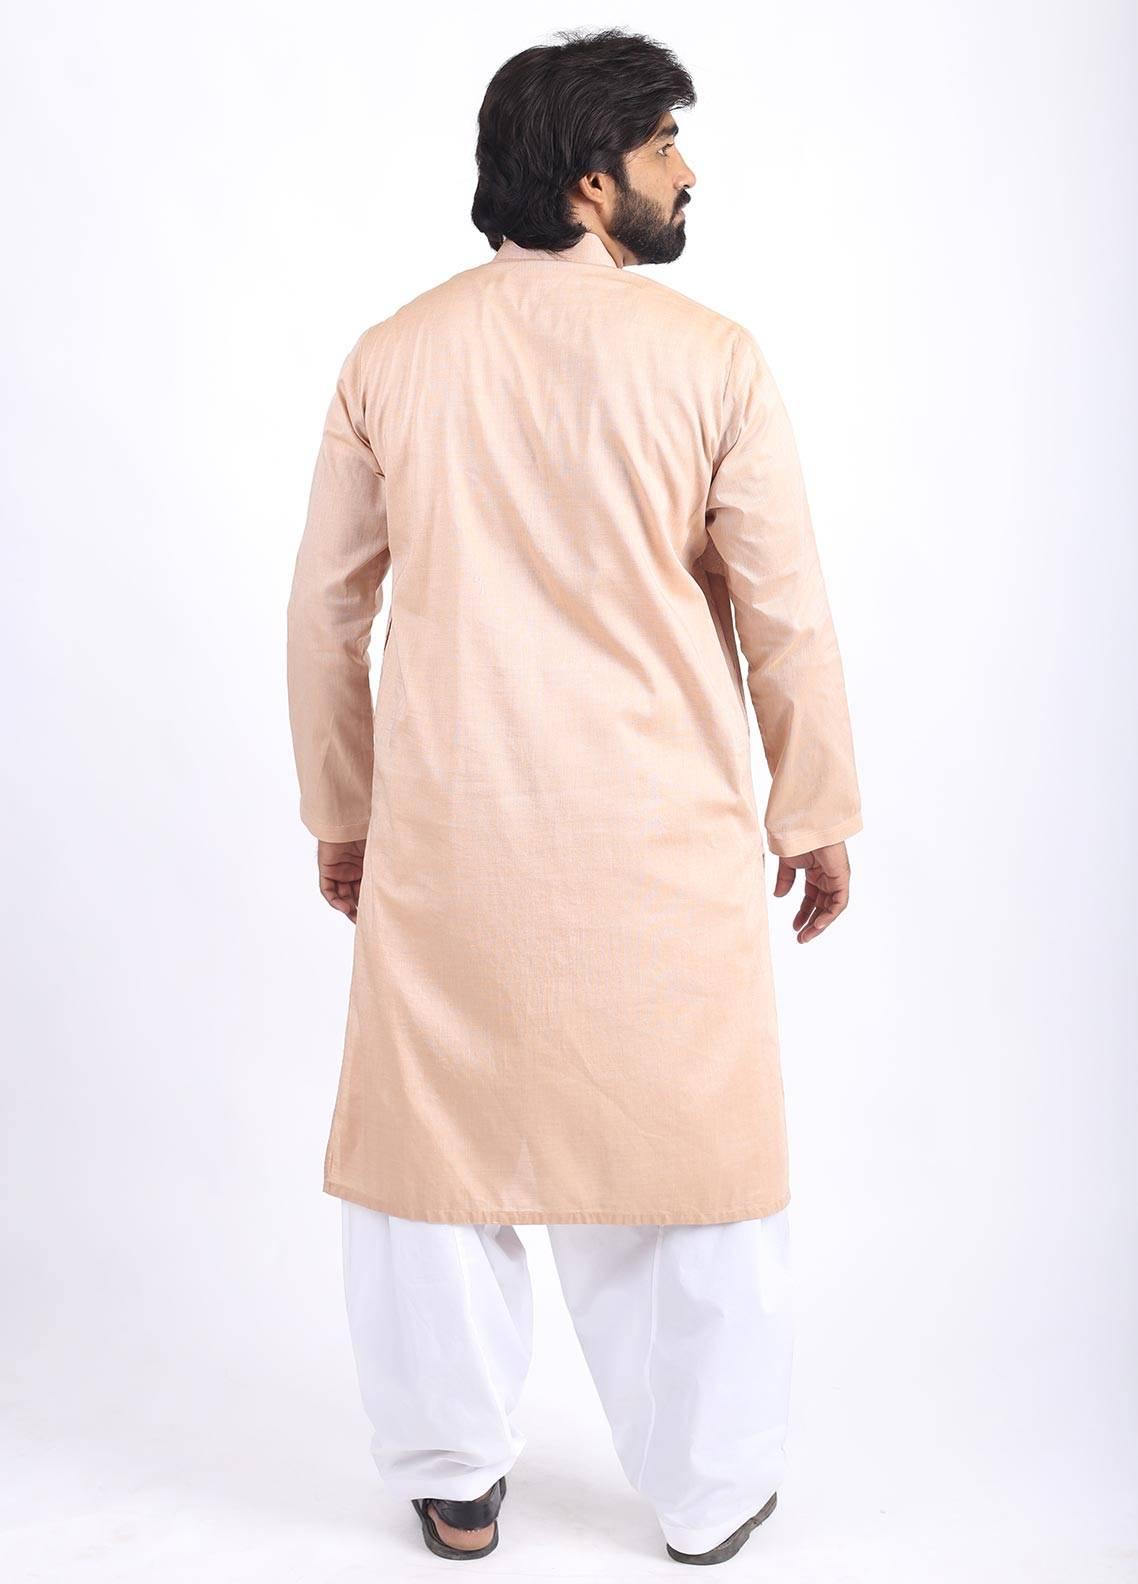 Sanaulla Exclusive Range Cotton Formal Kurtas for Men - Yellow SAM18K 05